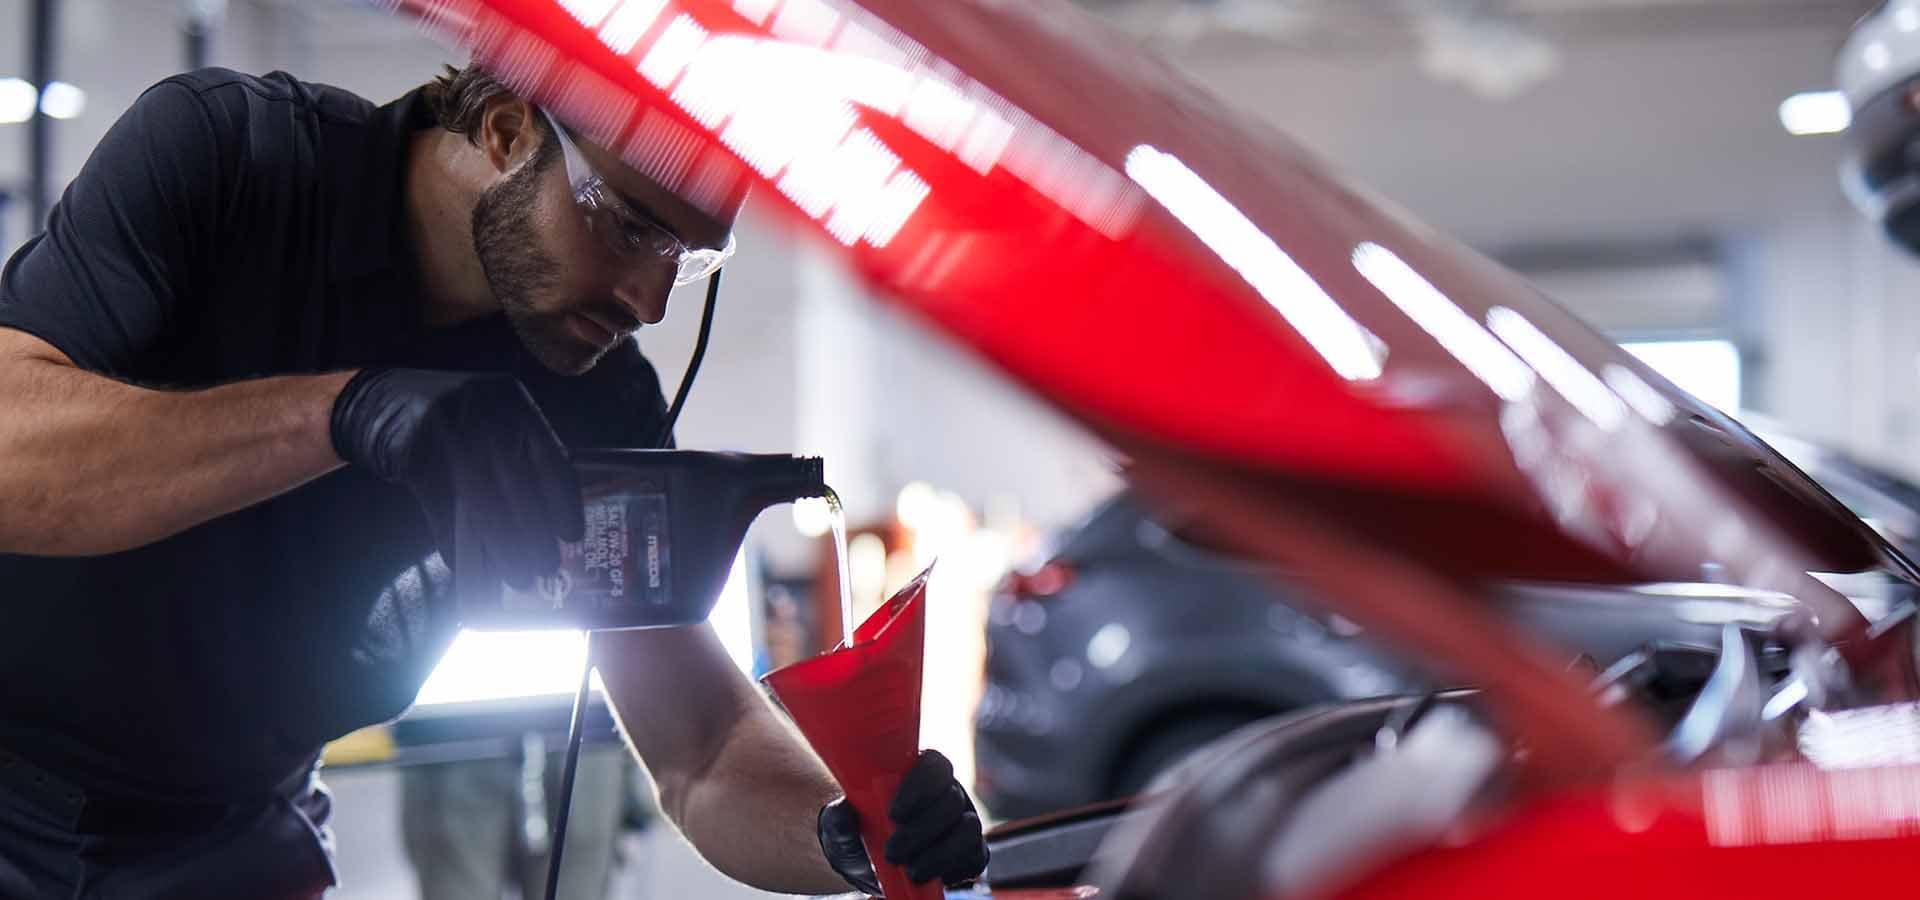 Fresno Car Repair and Maintenance